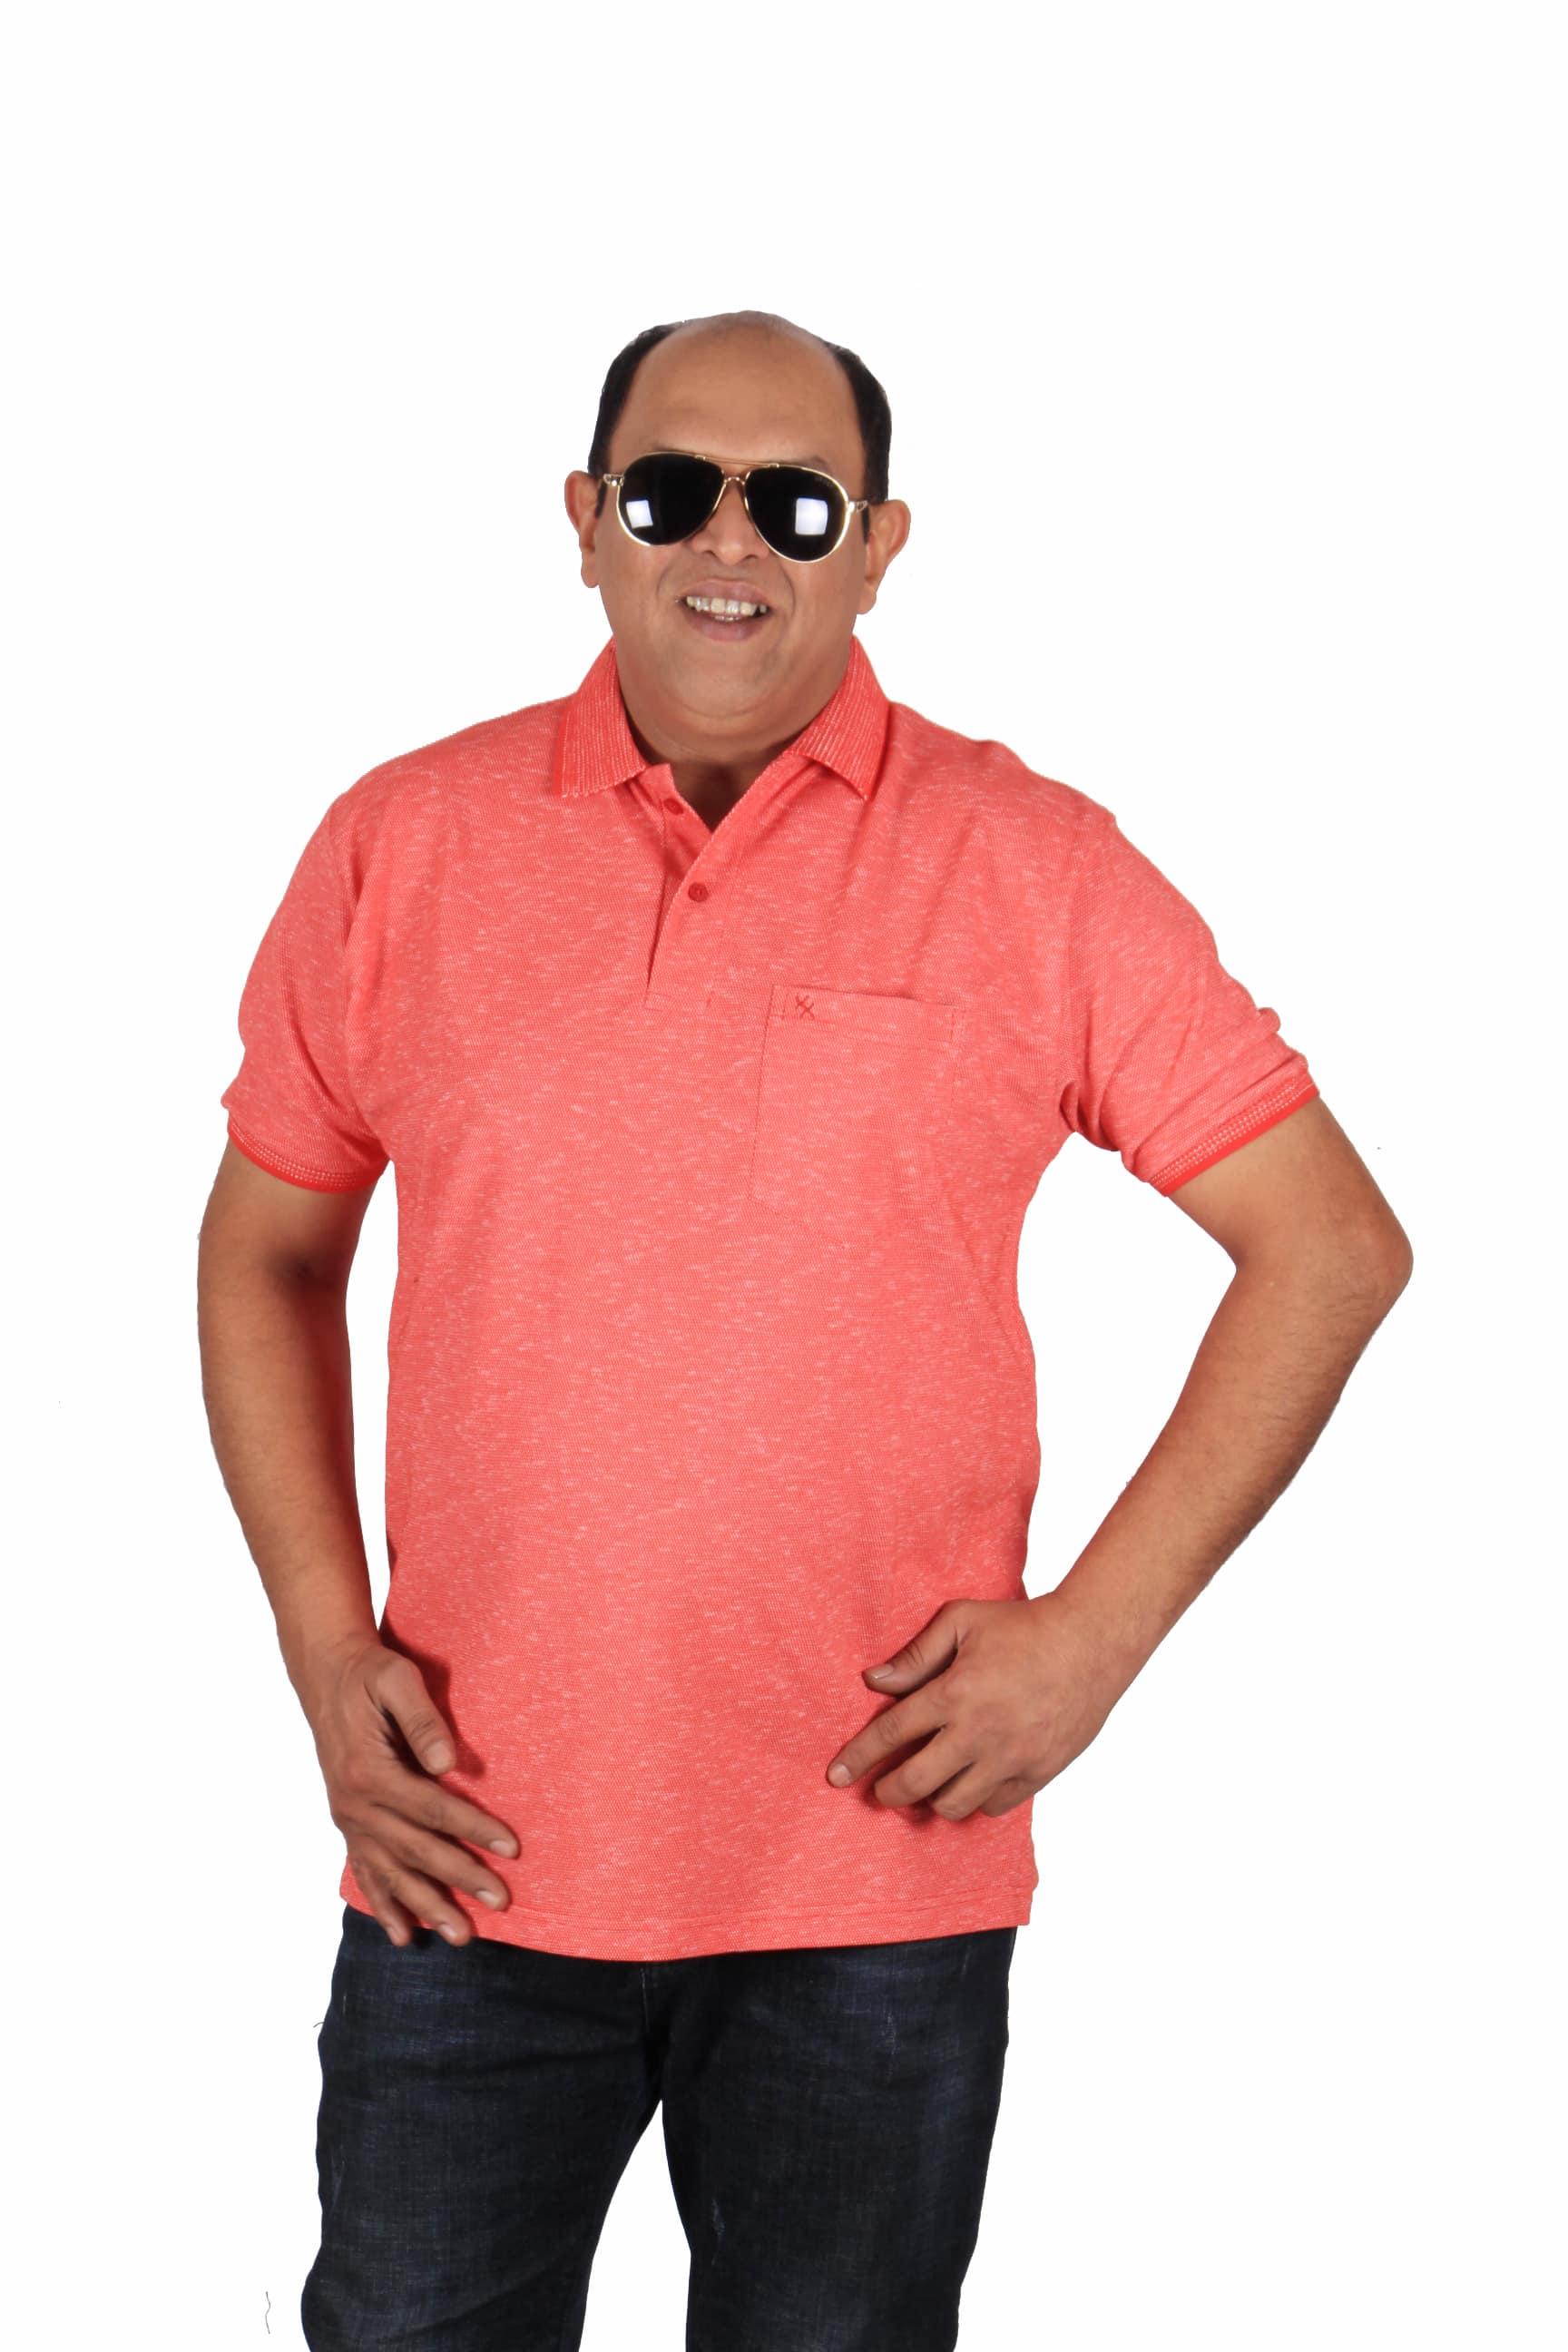 dbff910d84123 ... Garment Sample - Xmex Plus Size Fashion Photos